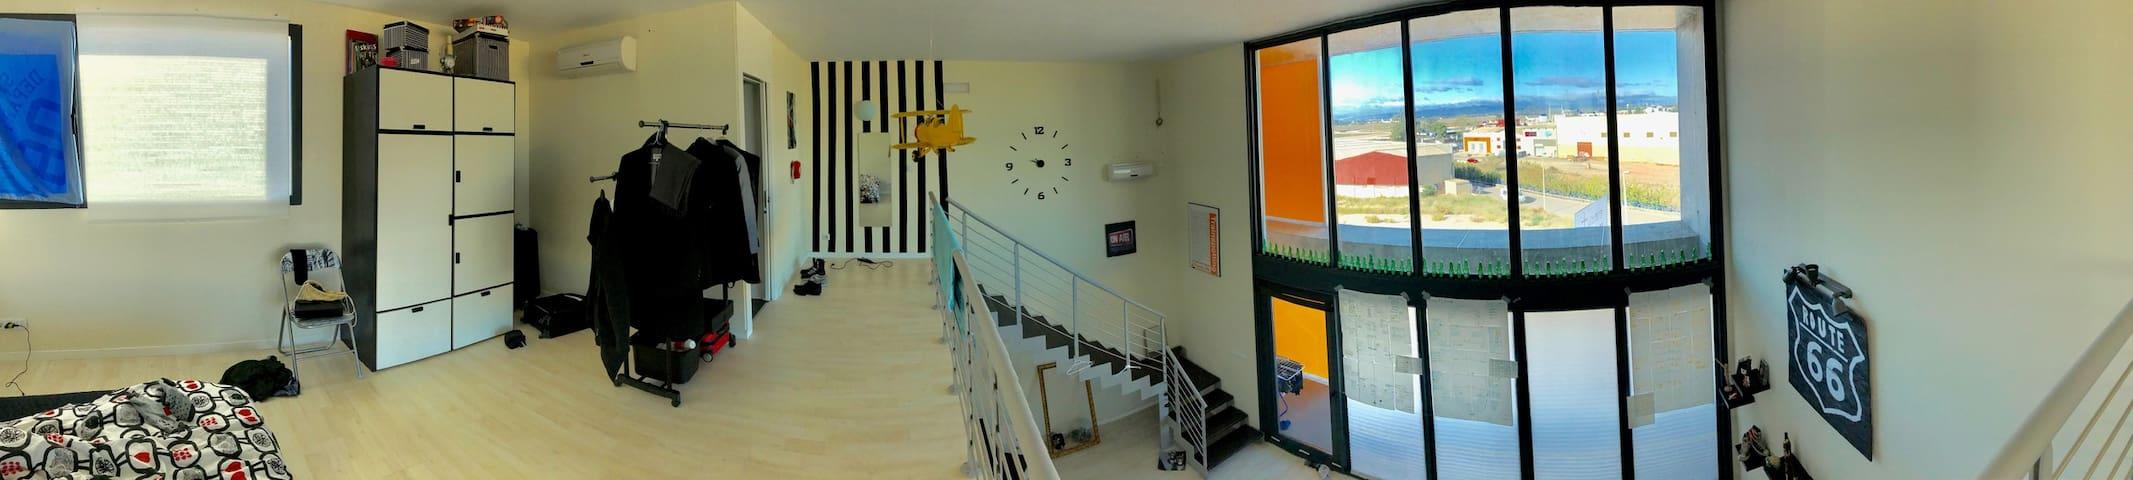 LOFT Meuble Centre Vienne